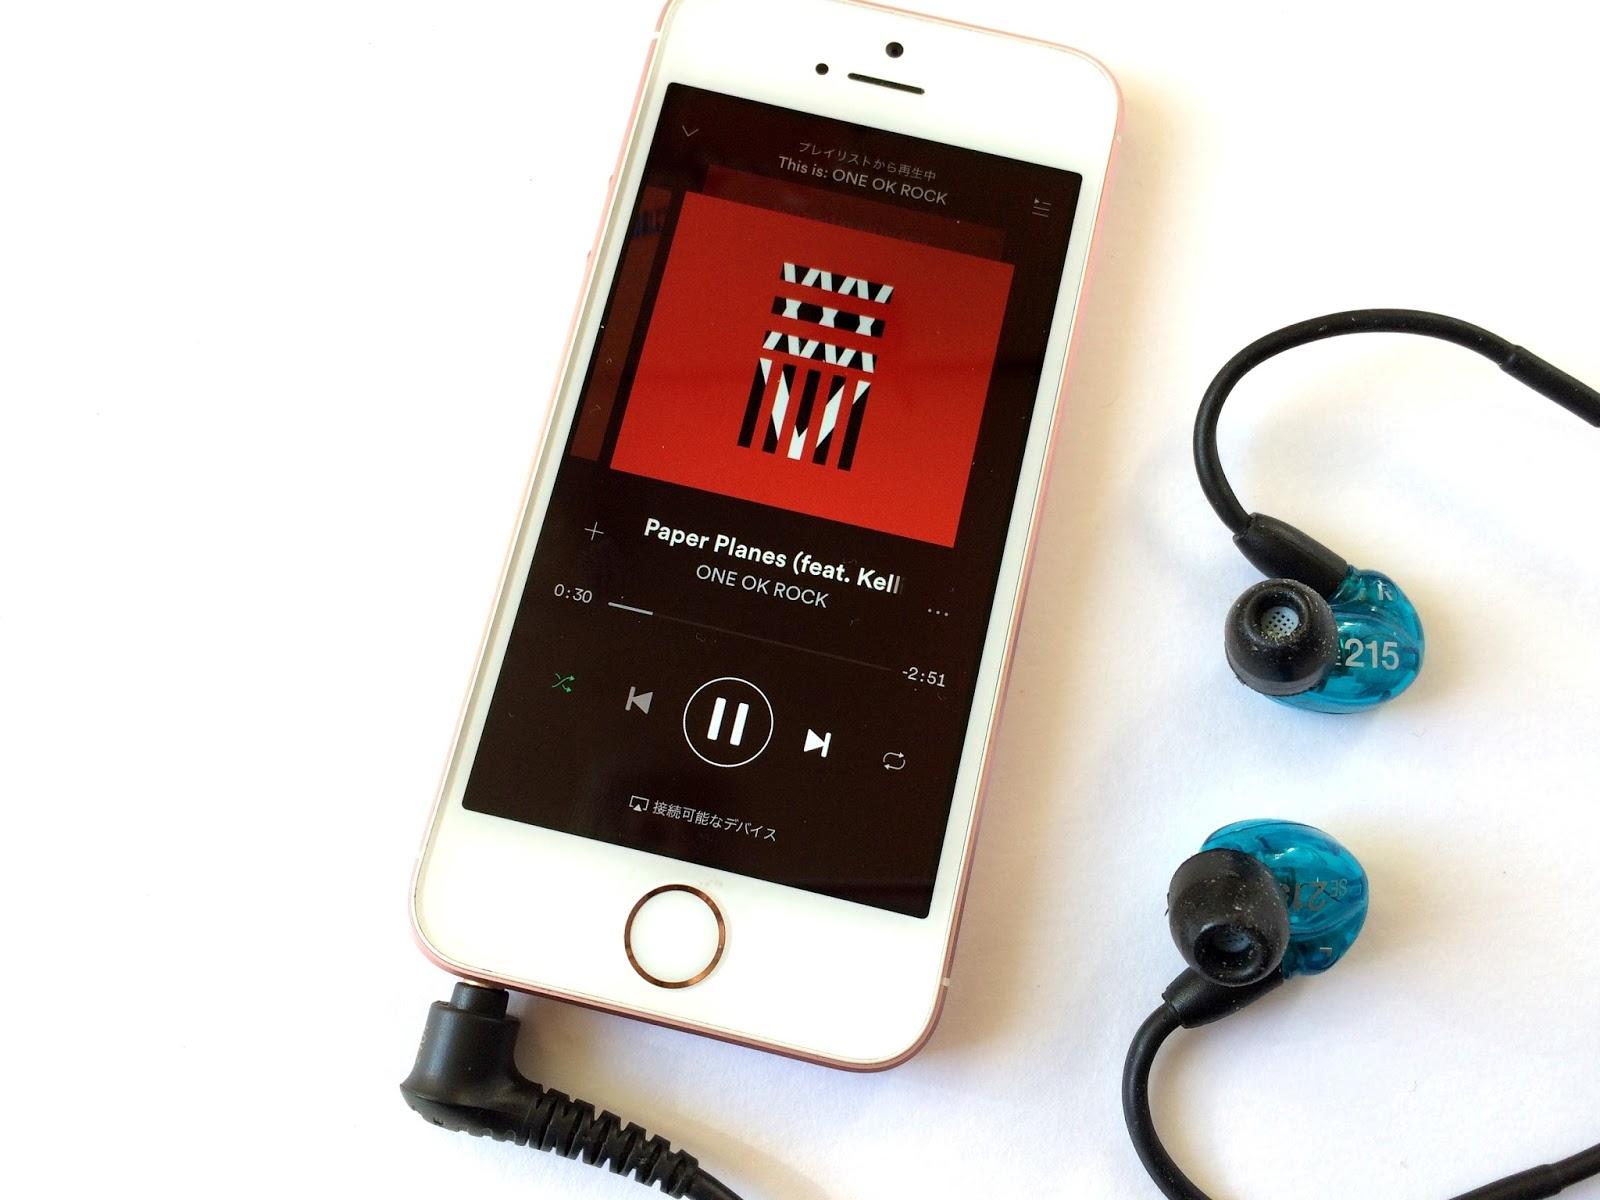 AWAでもワンオク(ONE OK ROCK)が聴ける! けど、Spotify なら無料で全曲聴けちゃう!【比較】